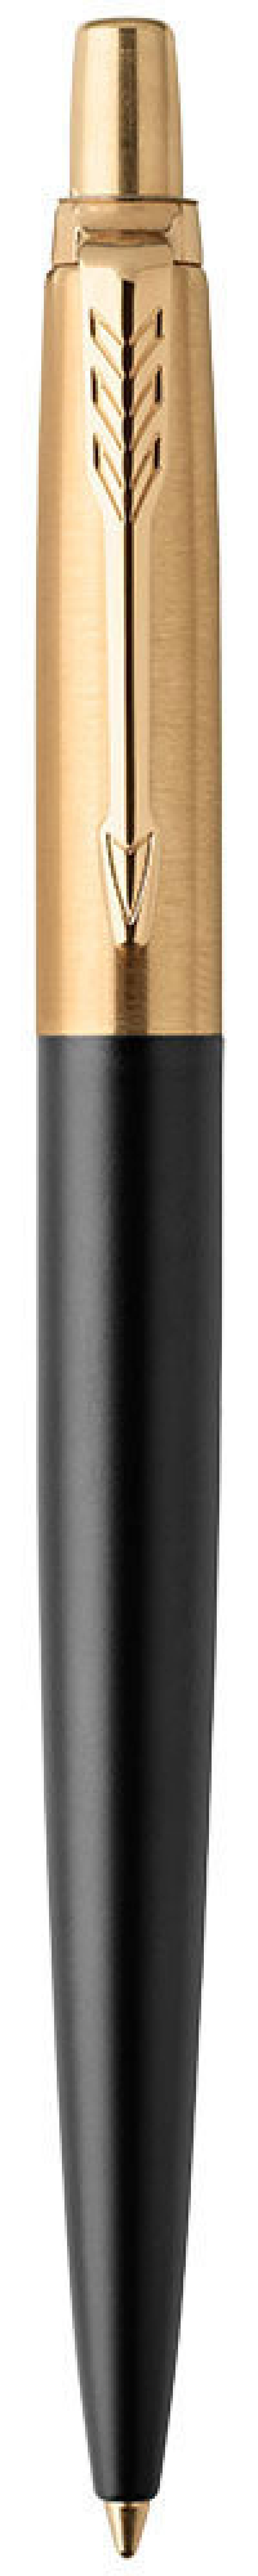 Шариковая ручка автоматическая Parker Jotter Luxe K177 синий M 1953202 шариковая ручка parker jotter цвет красный 1005109